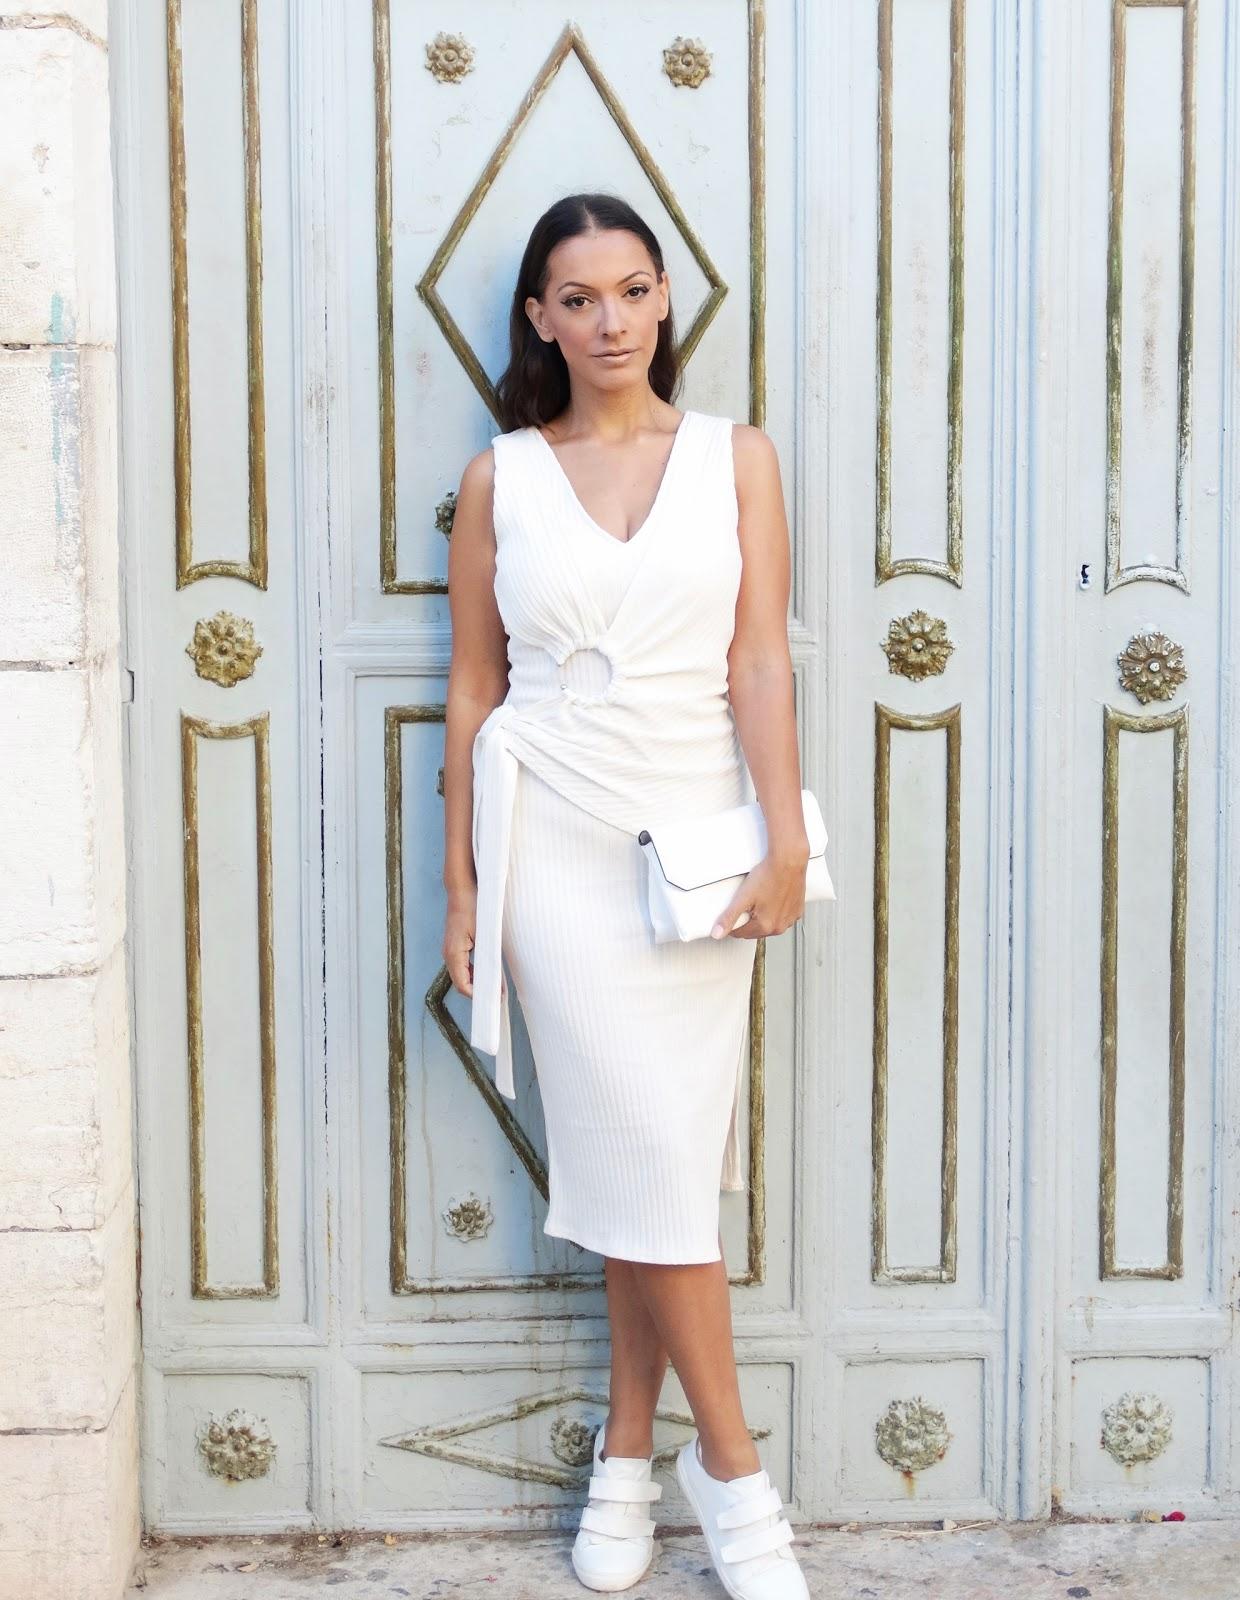 שמלה לבנה לראש השנה